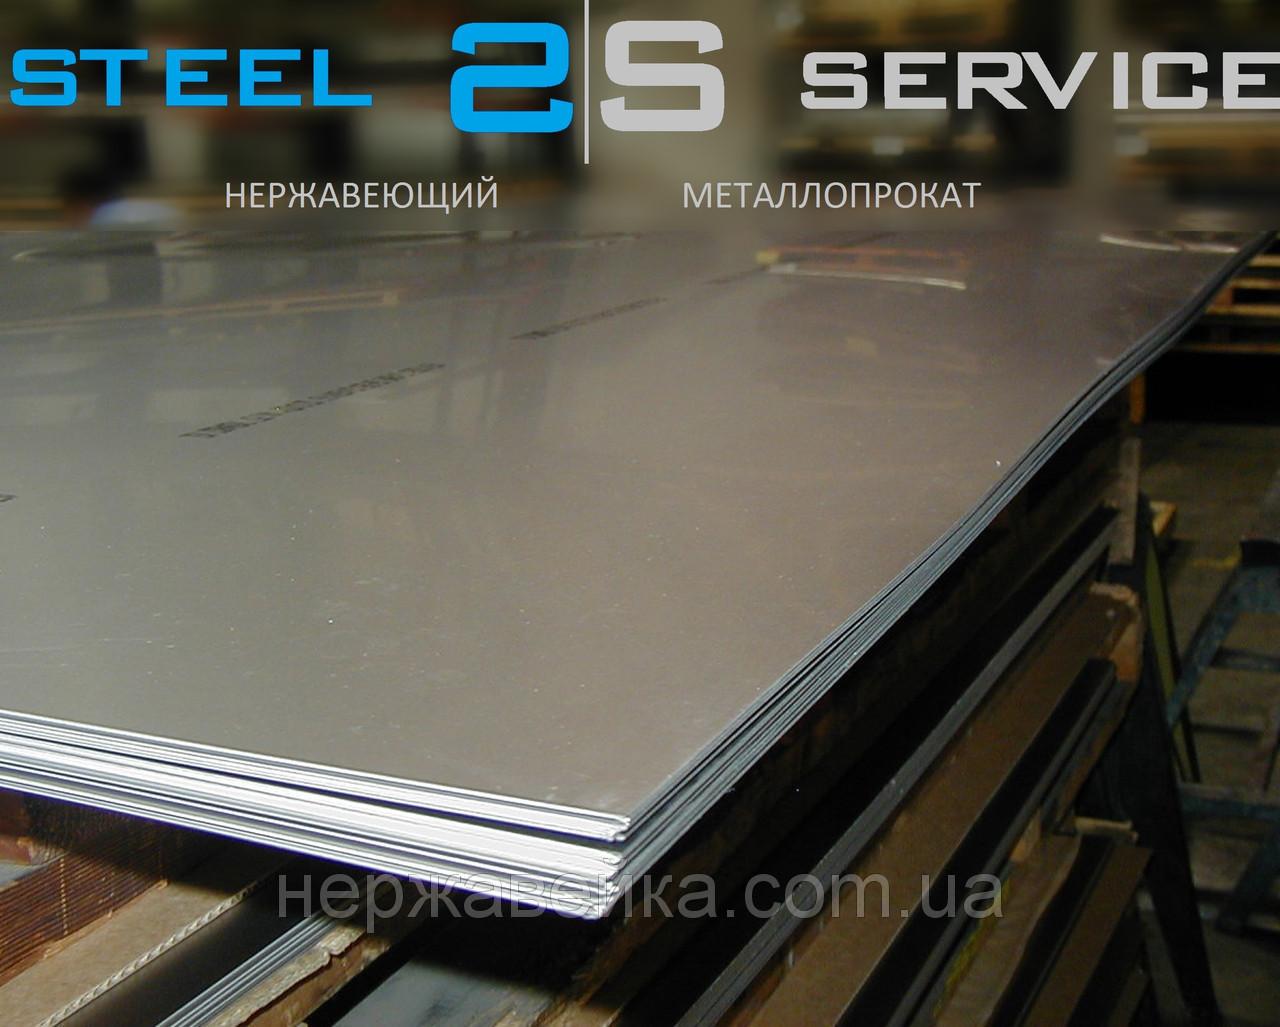 Нержавеющий лист 2х1500х3000мм  AISI 321(08Х18Н10Т) 4N - шлифованный,  пищевой